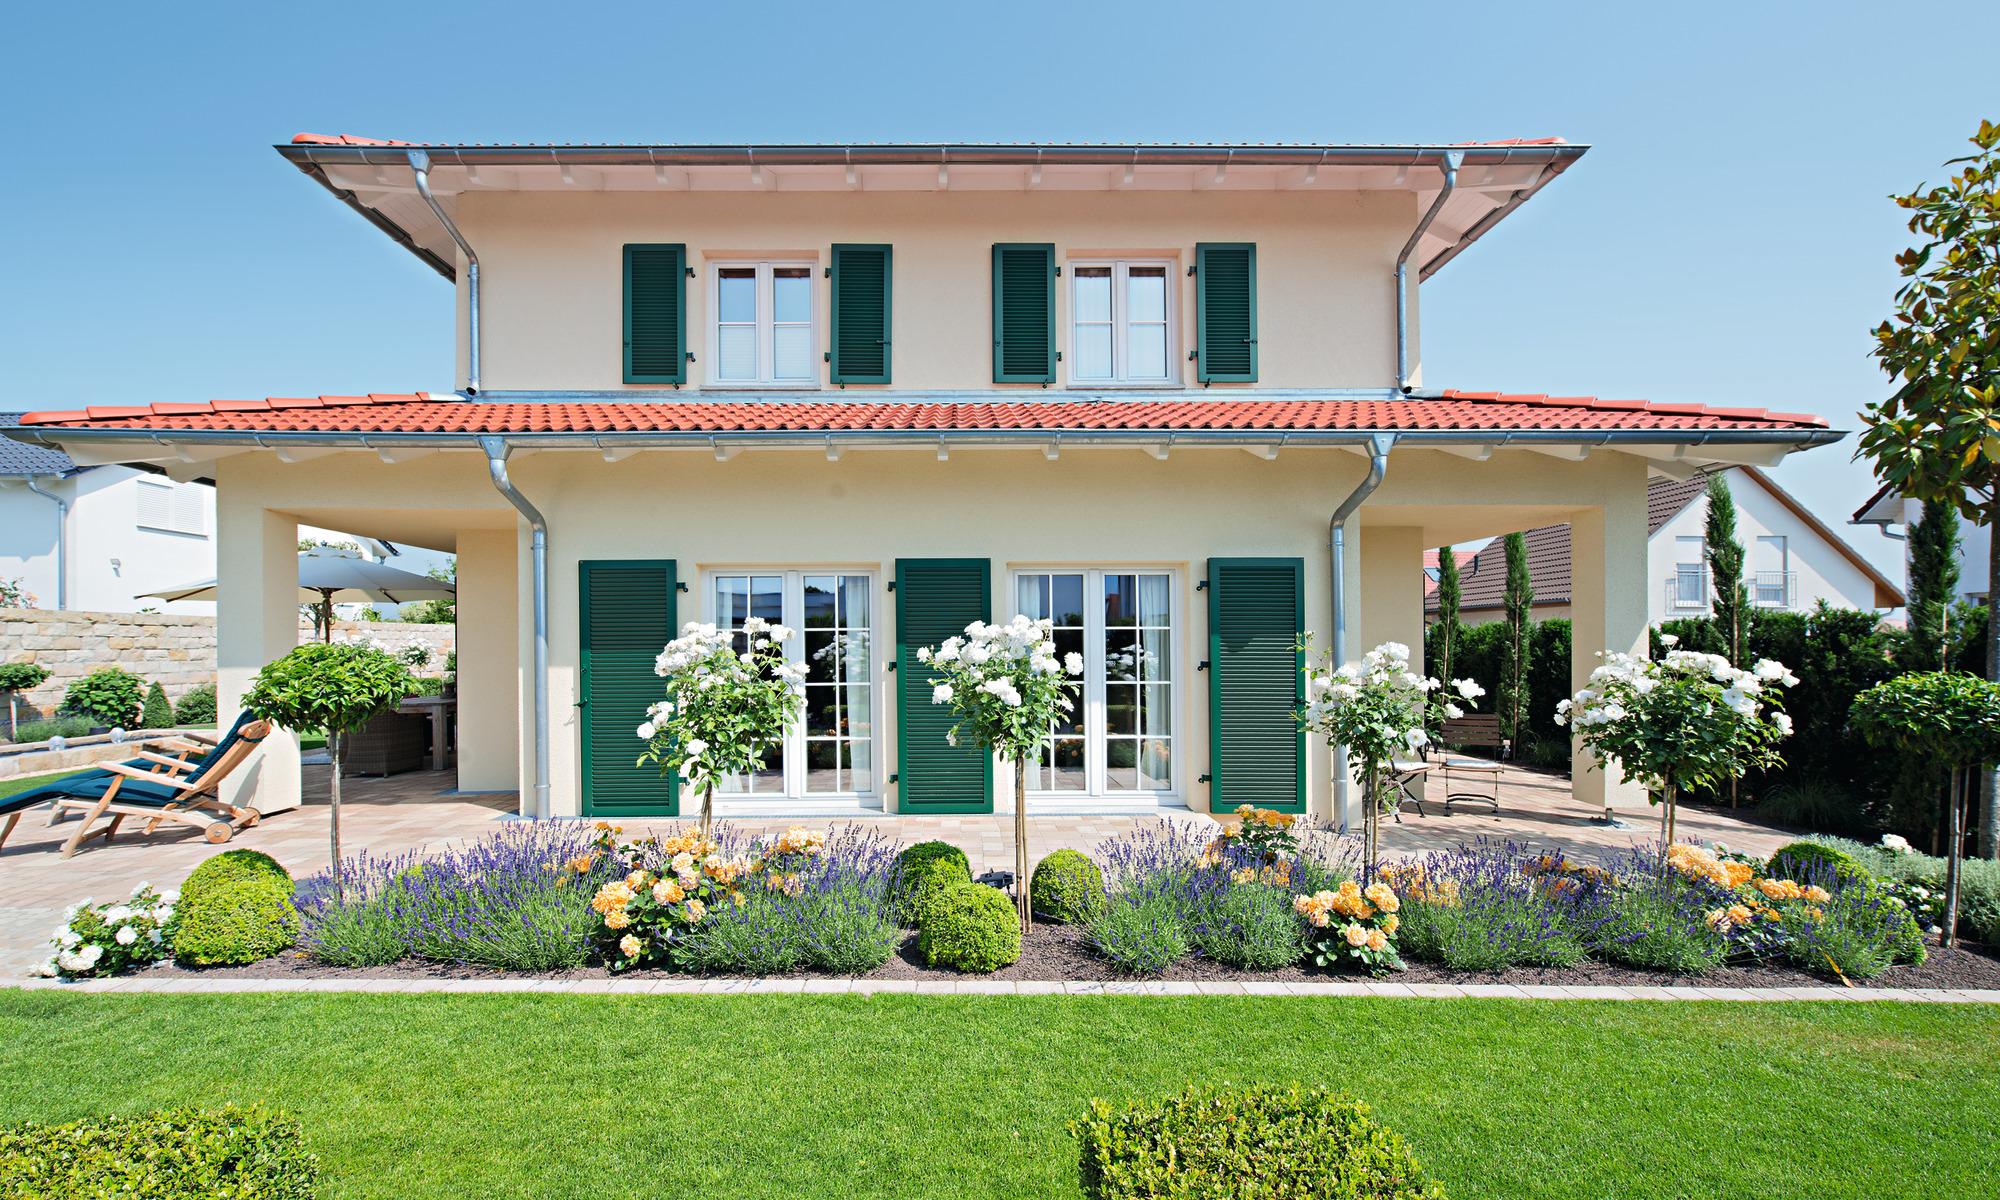 Architektenhaus, 2-geschossiges Haus, Fensterläden